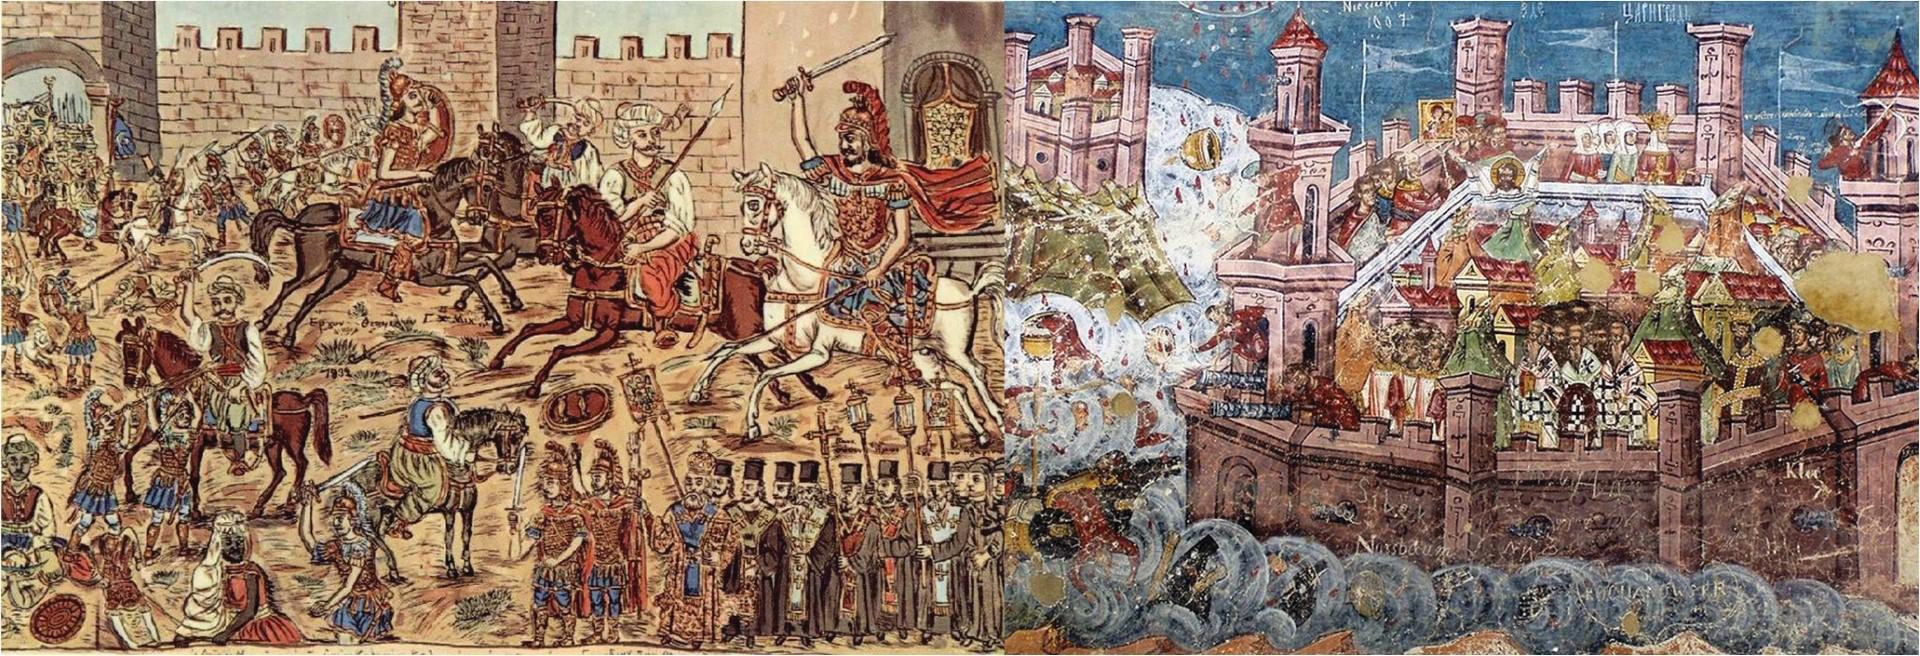 Οι Κρητικοί υπερασπιστές της Κωνσταντινούπολης (29 Μαΐου 1453) του Γιώργου  Λινοξυλάκη | Rethemnos News